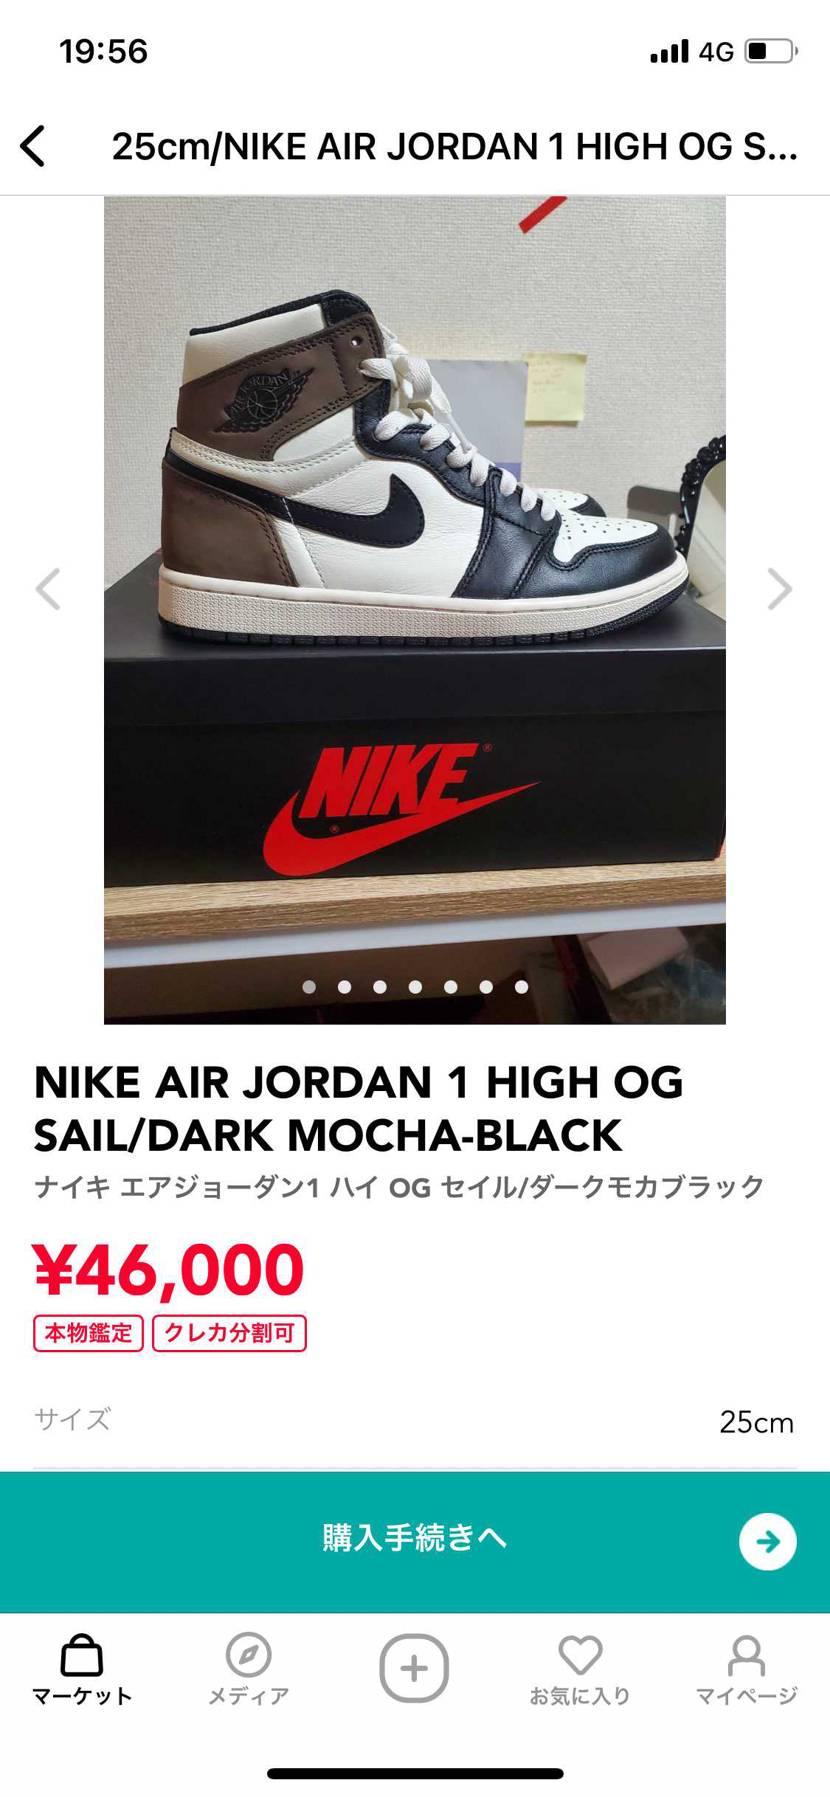 出品者様42000円で即購入したいのですが ご検討よろしくお願いします。